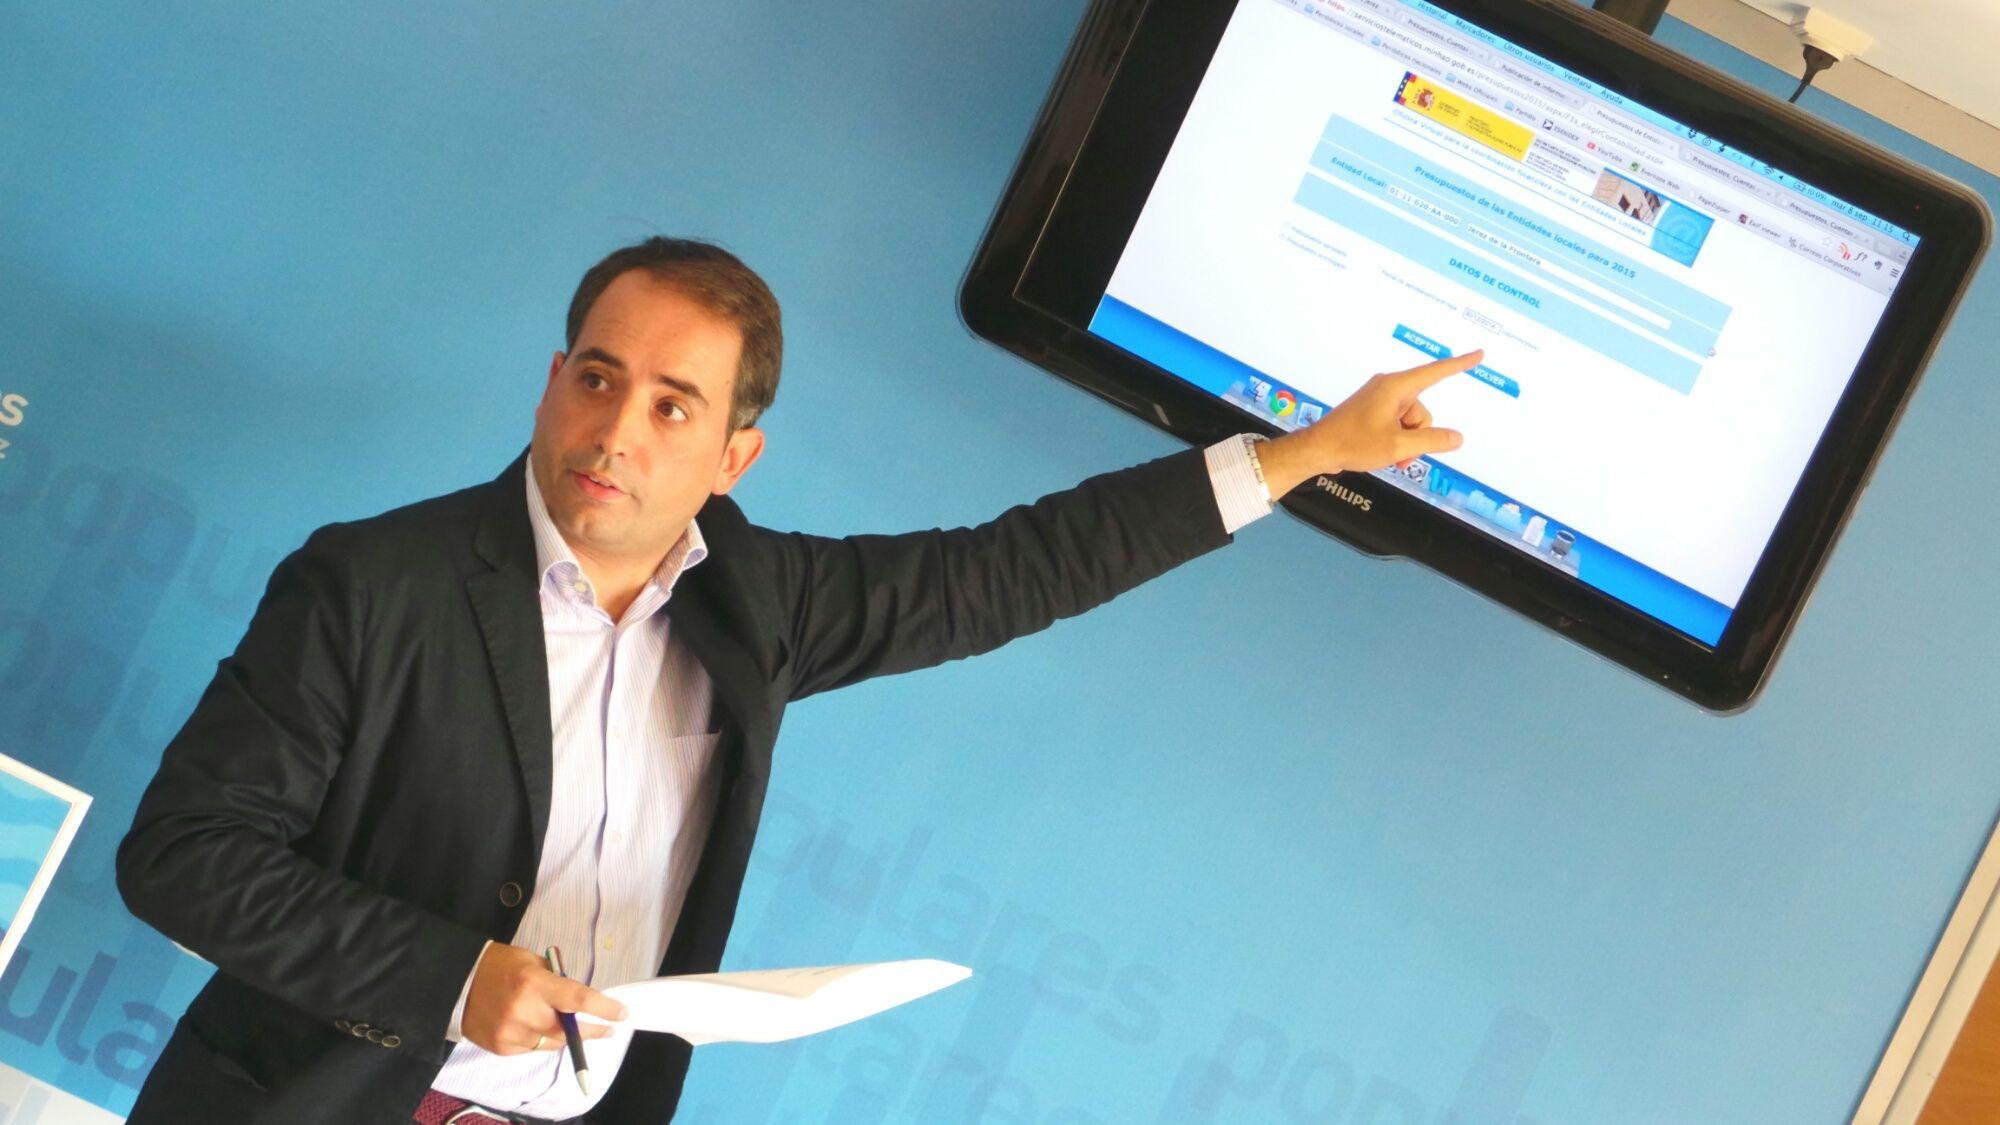 Antonio Saldaña remitiendo a la página de Hacienda donde se comprueba que la información ha sido enviada | 8 Septiembre 2015